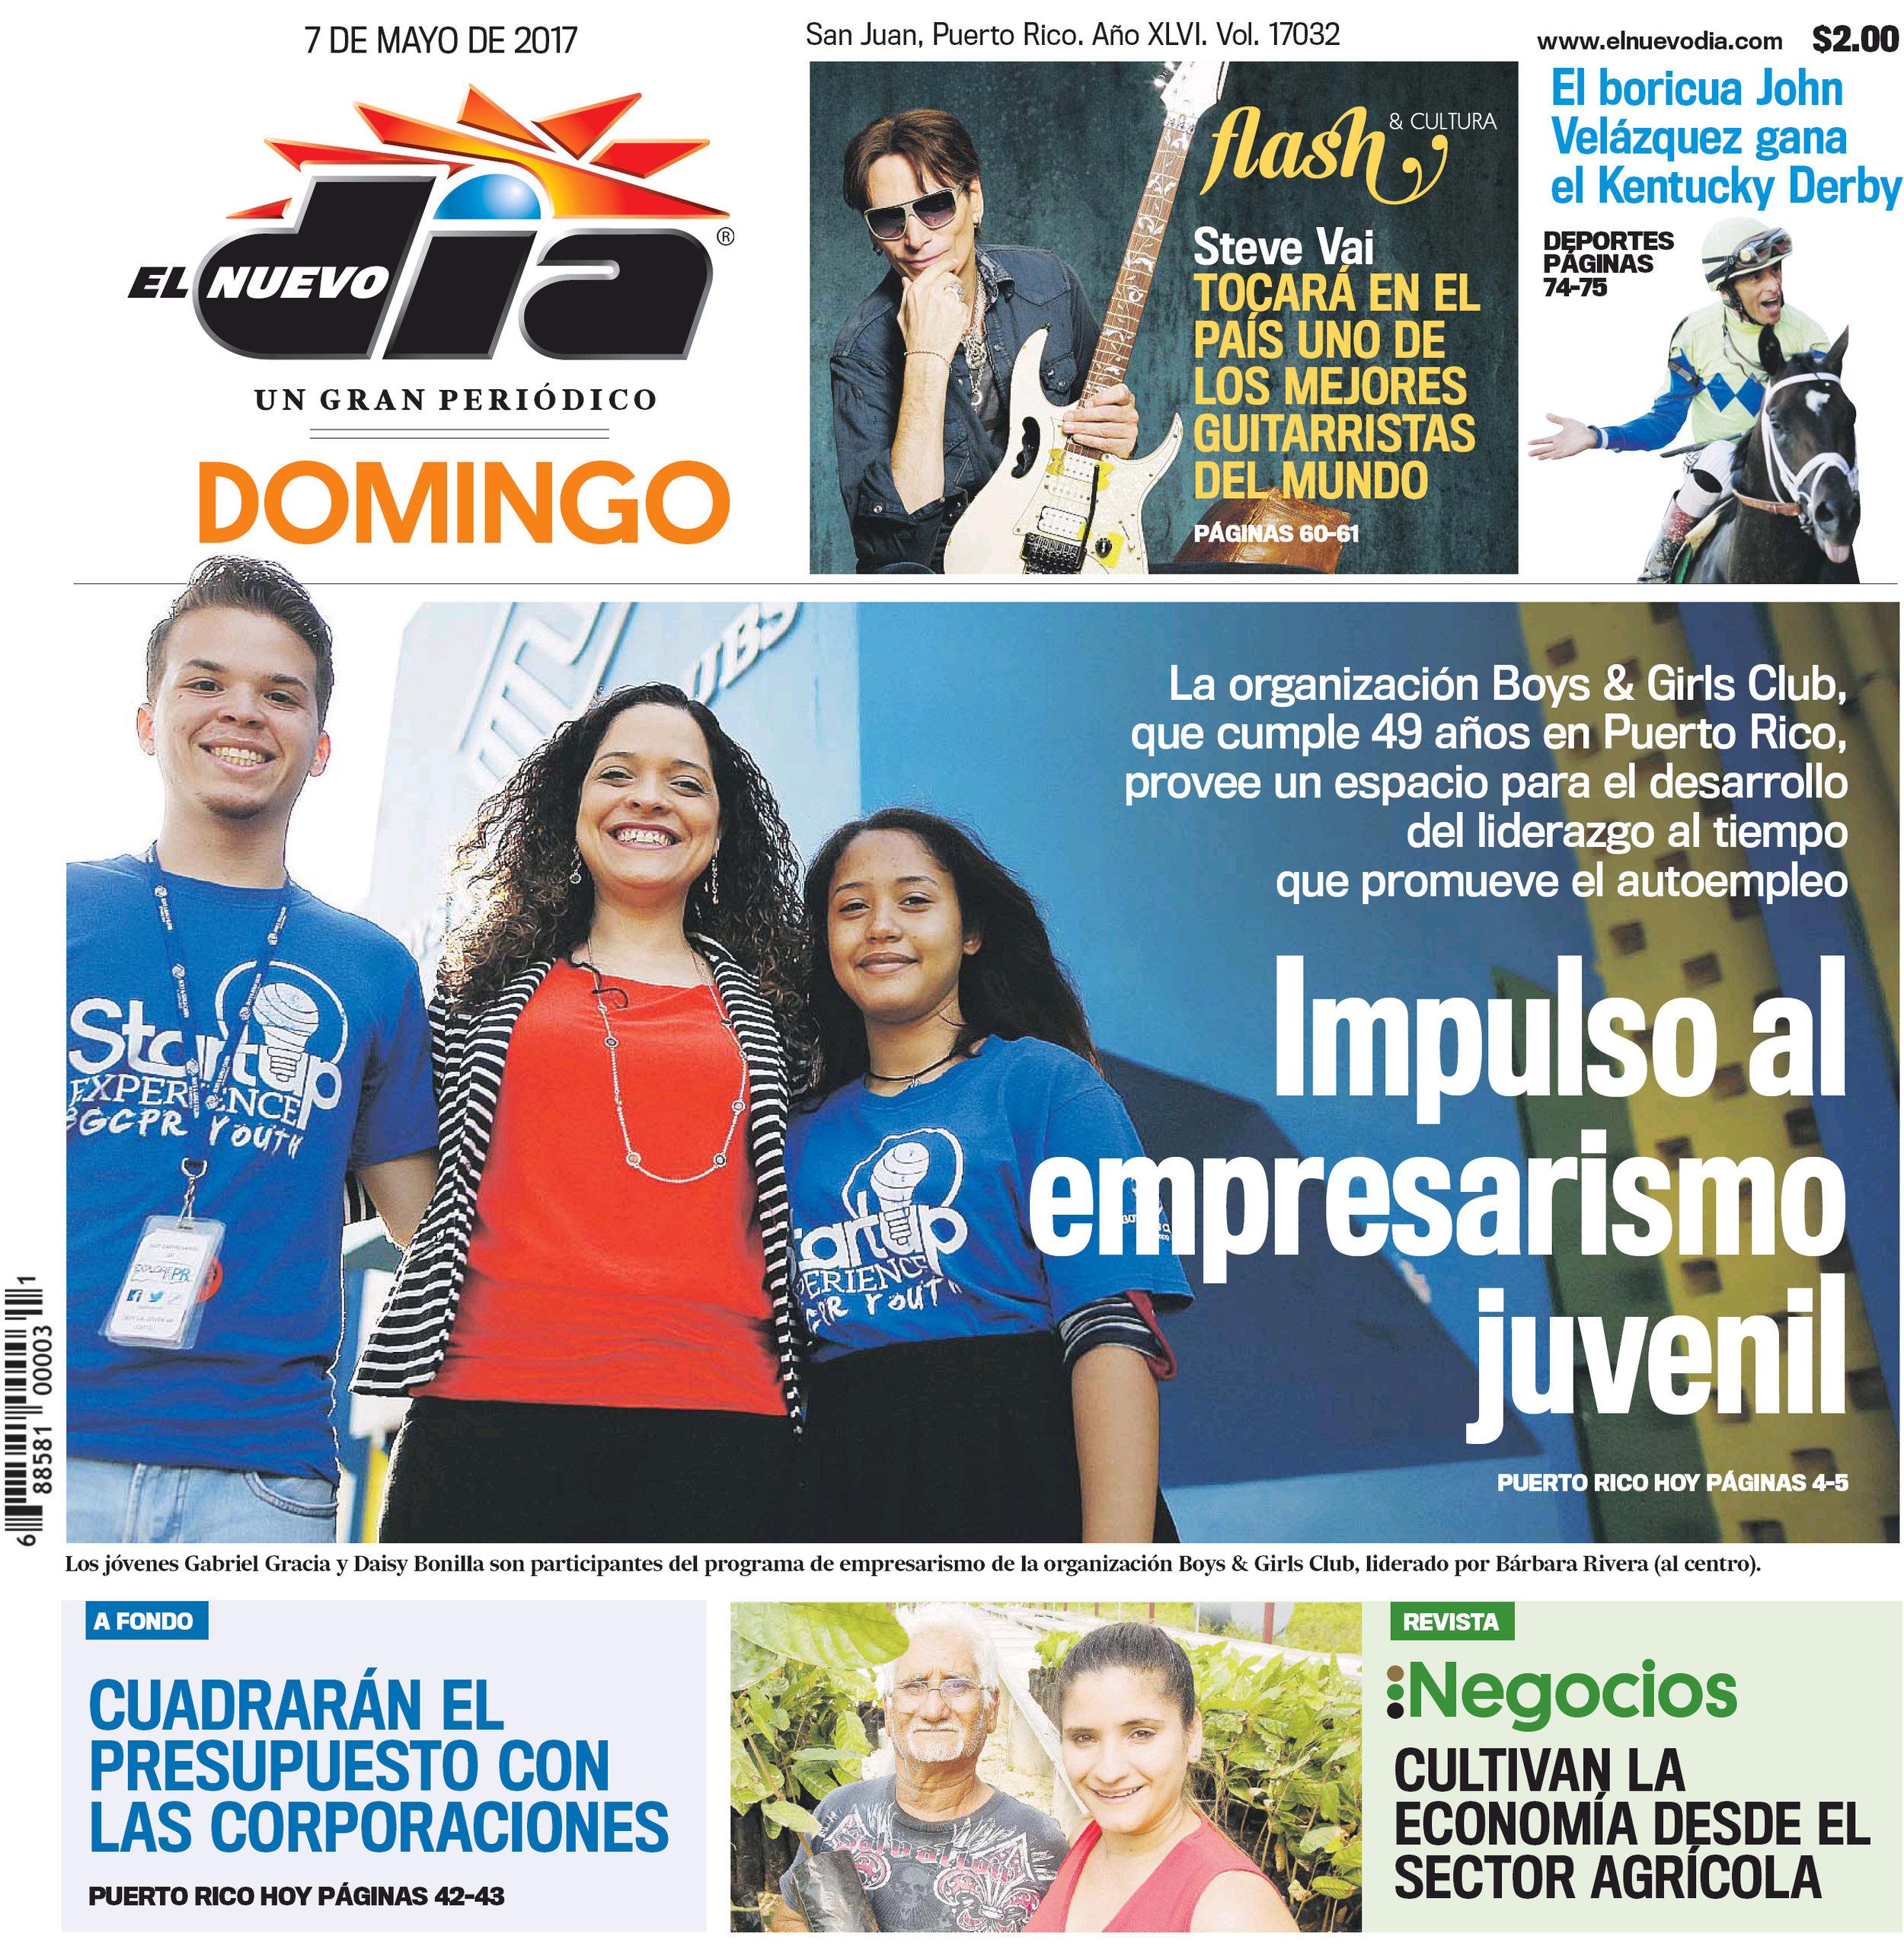 El Nuevo Día Newspaper 05.07.17